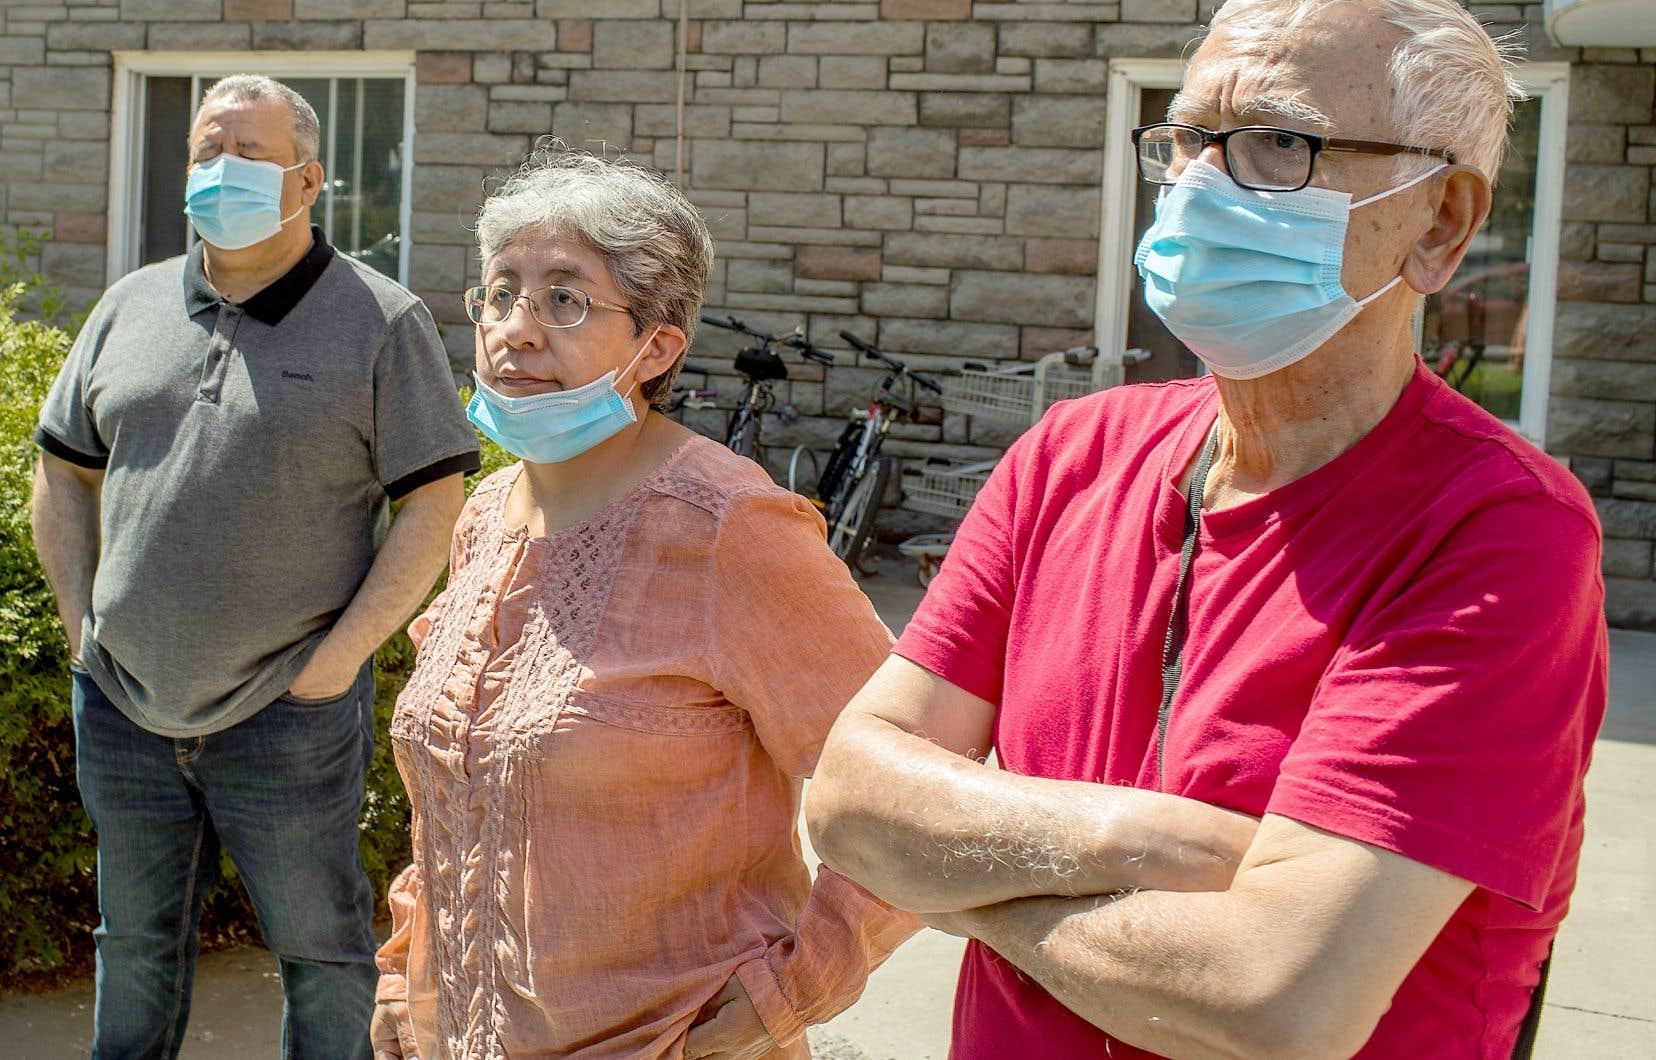 Younis Cherni, Gladys Osorio et son mari, Lucas Cachay, contestent l'avis d'évacuation pour rénovations que leur a transmis l'entreprise propriétaire de l'immeuble qu'ils habitent, dénonçant une tentative de «rénoviction».